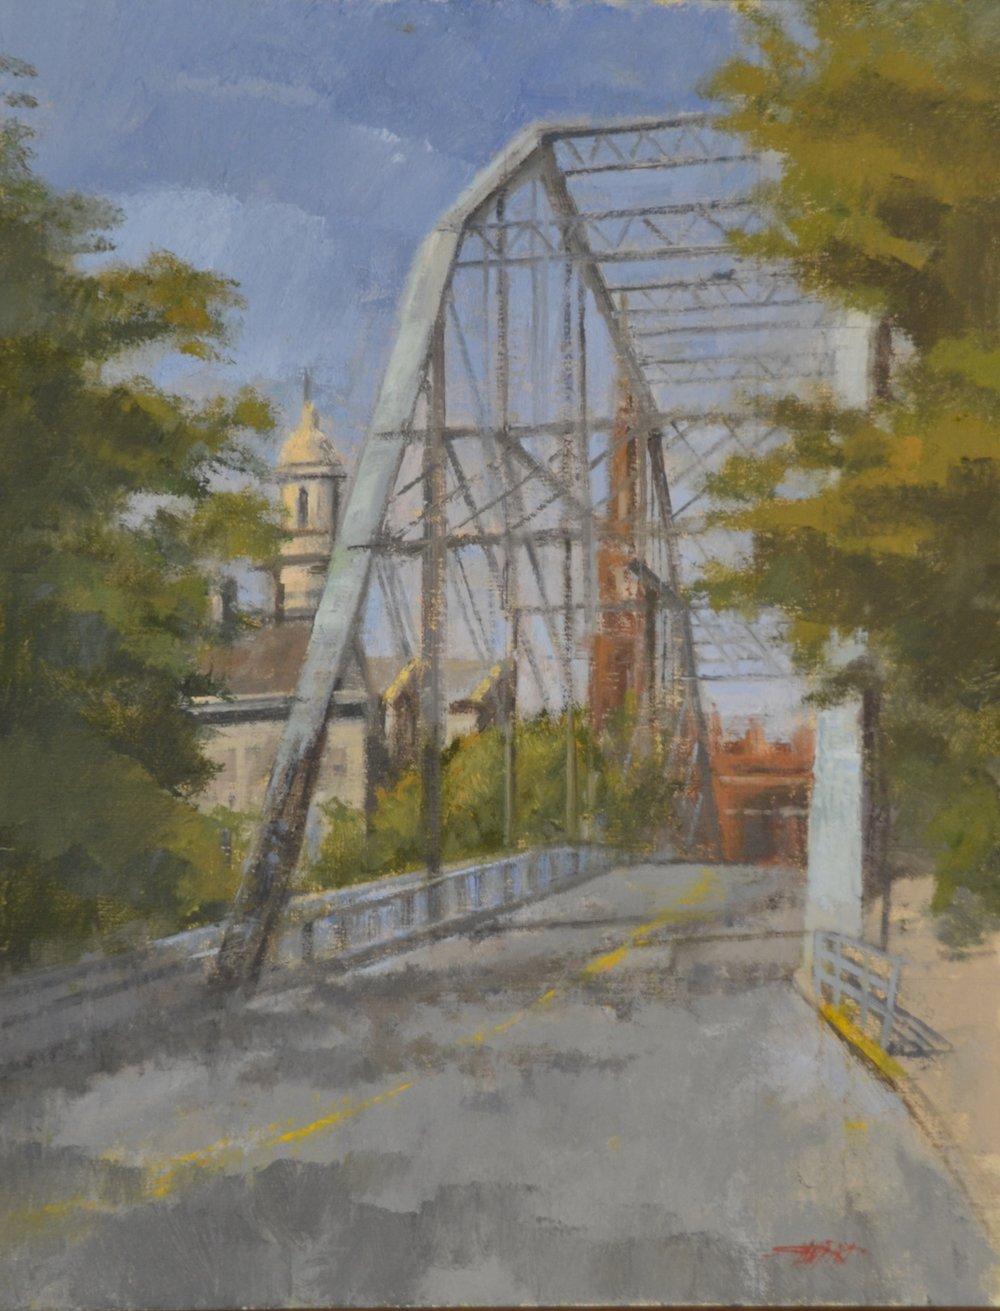 The Singing Bridge